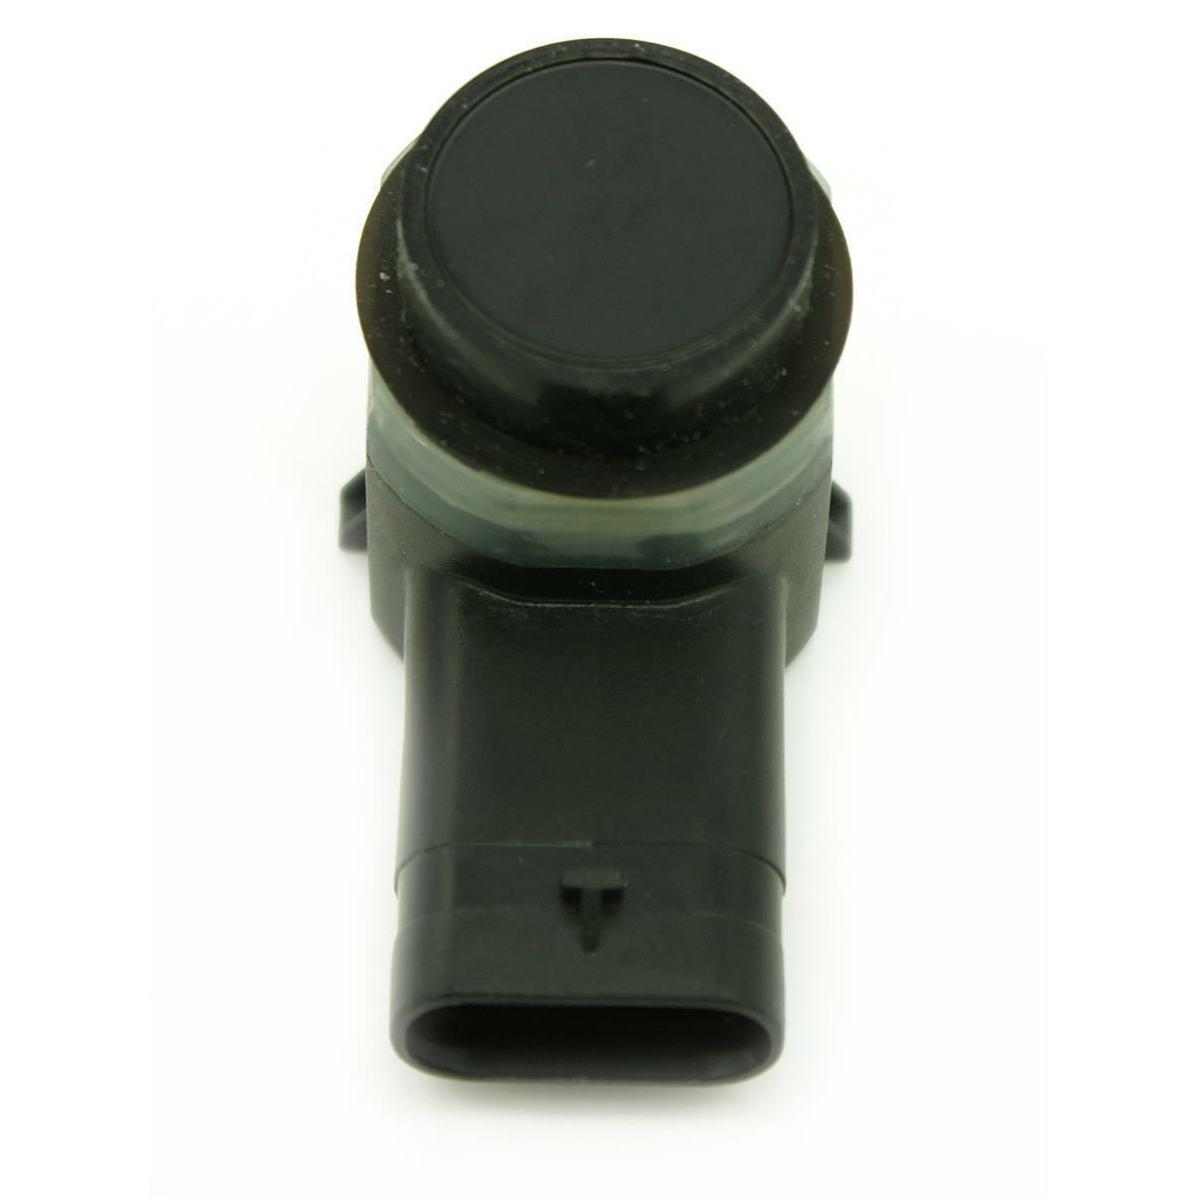 Parksensor 1765717 für Ford PDC Parktronic